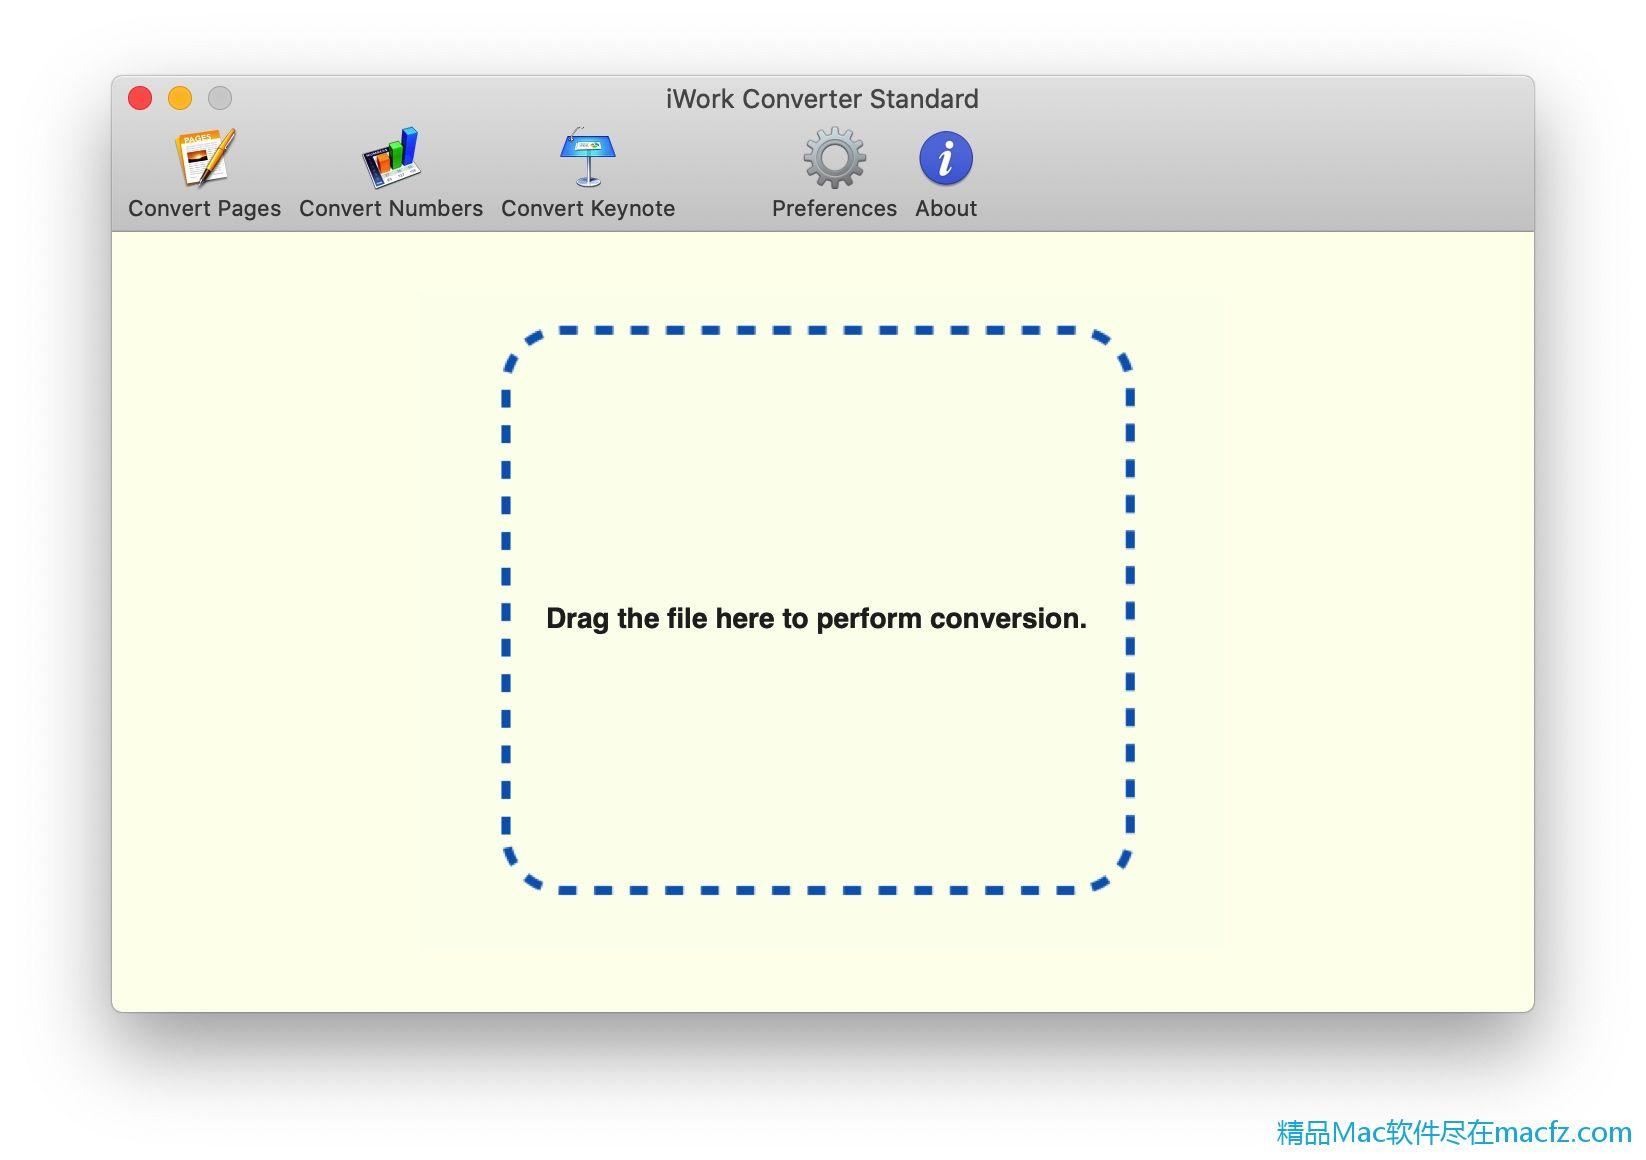 支持任何语言的iWork文件。它可以转换iWork可以打开的任何文件。